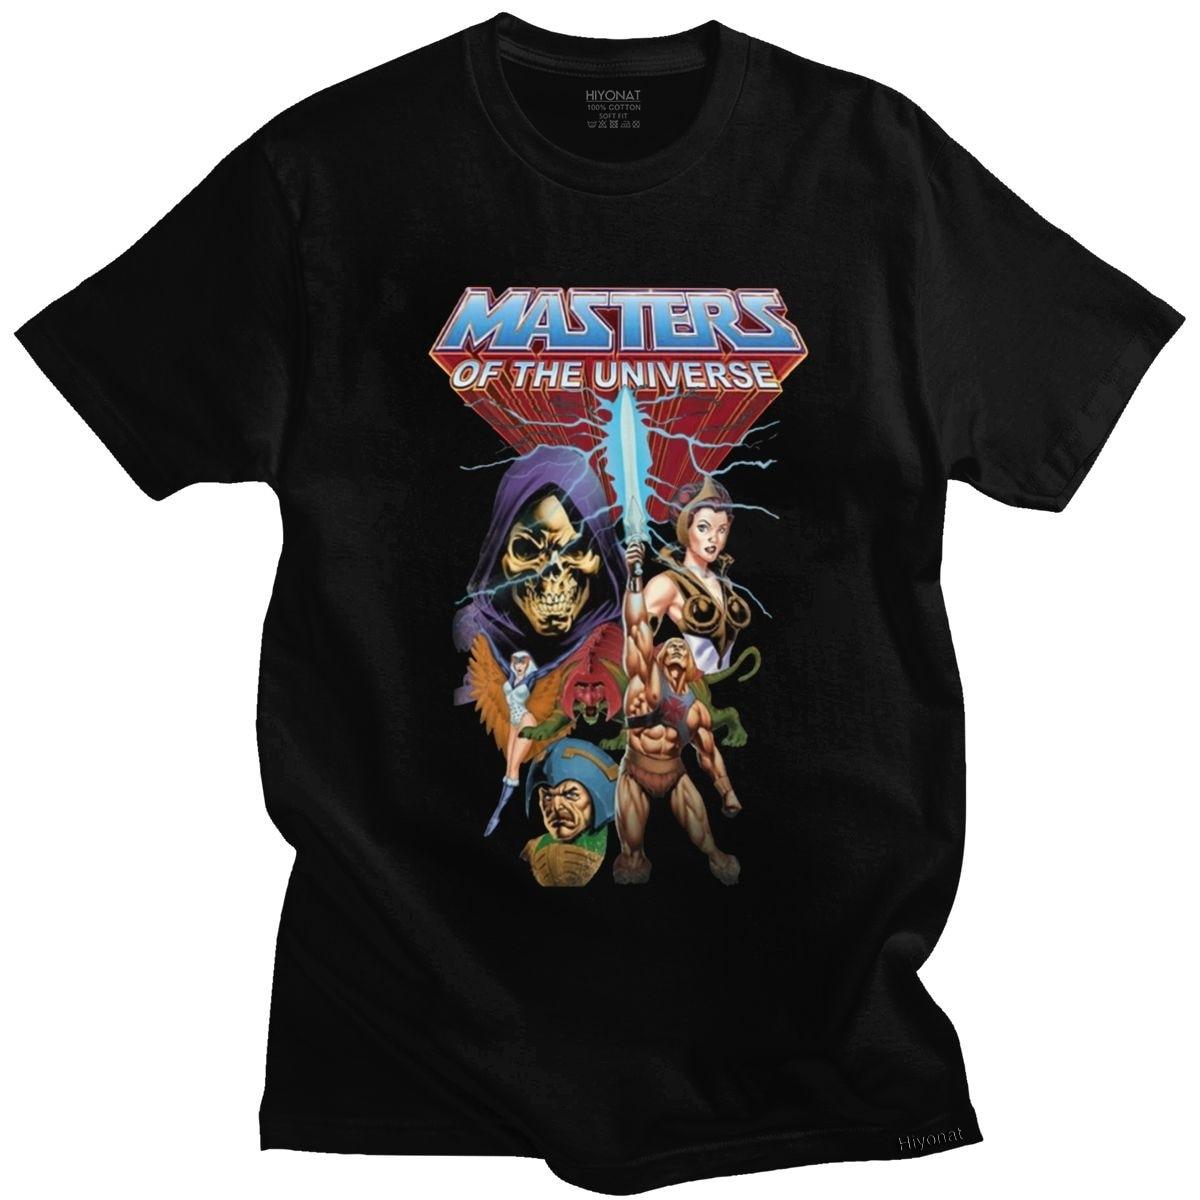 Klasik He-Man ve ustaları evren T Shirt erkek pamuk Anime Skeletor 80s She-ra Beast T-shirt kollu grafik Tee üst